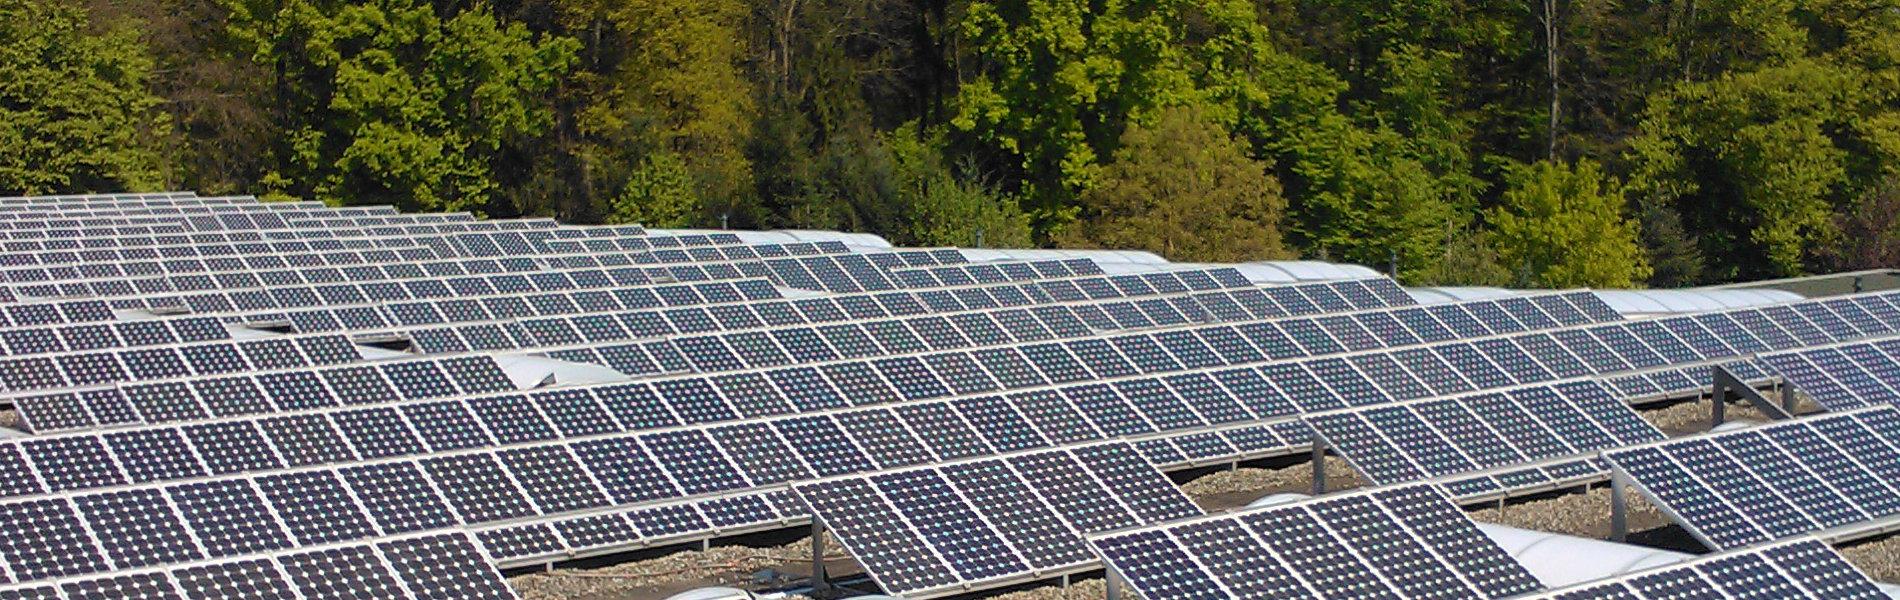 Aufgeständerte PV-Anlage auf einem Industriedach